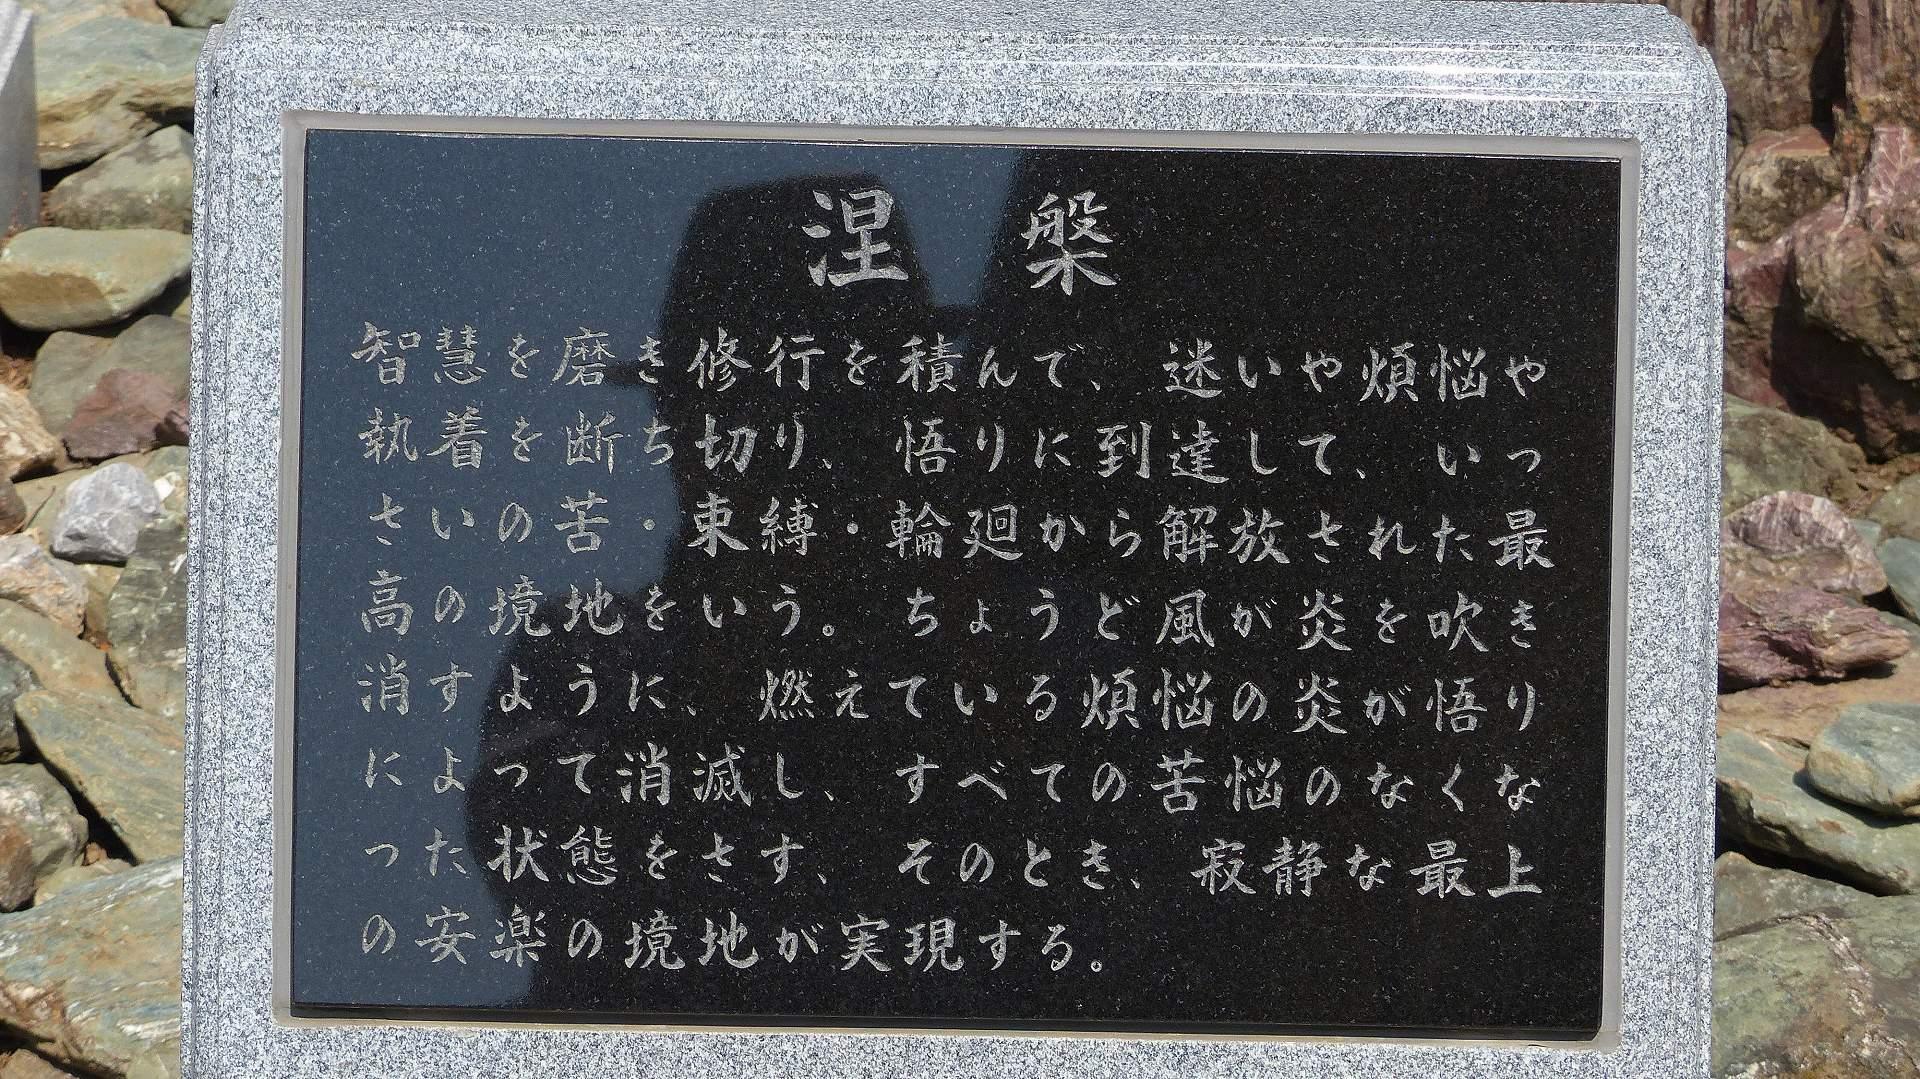 花見のあとは社寺を巡る_a0185081_13574392.jpg